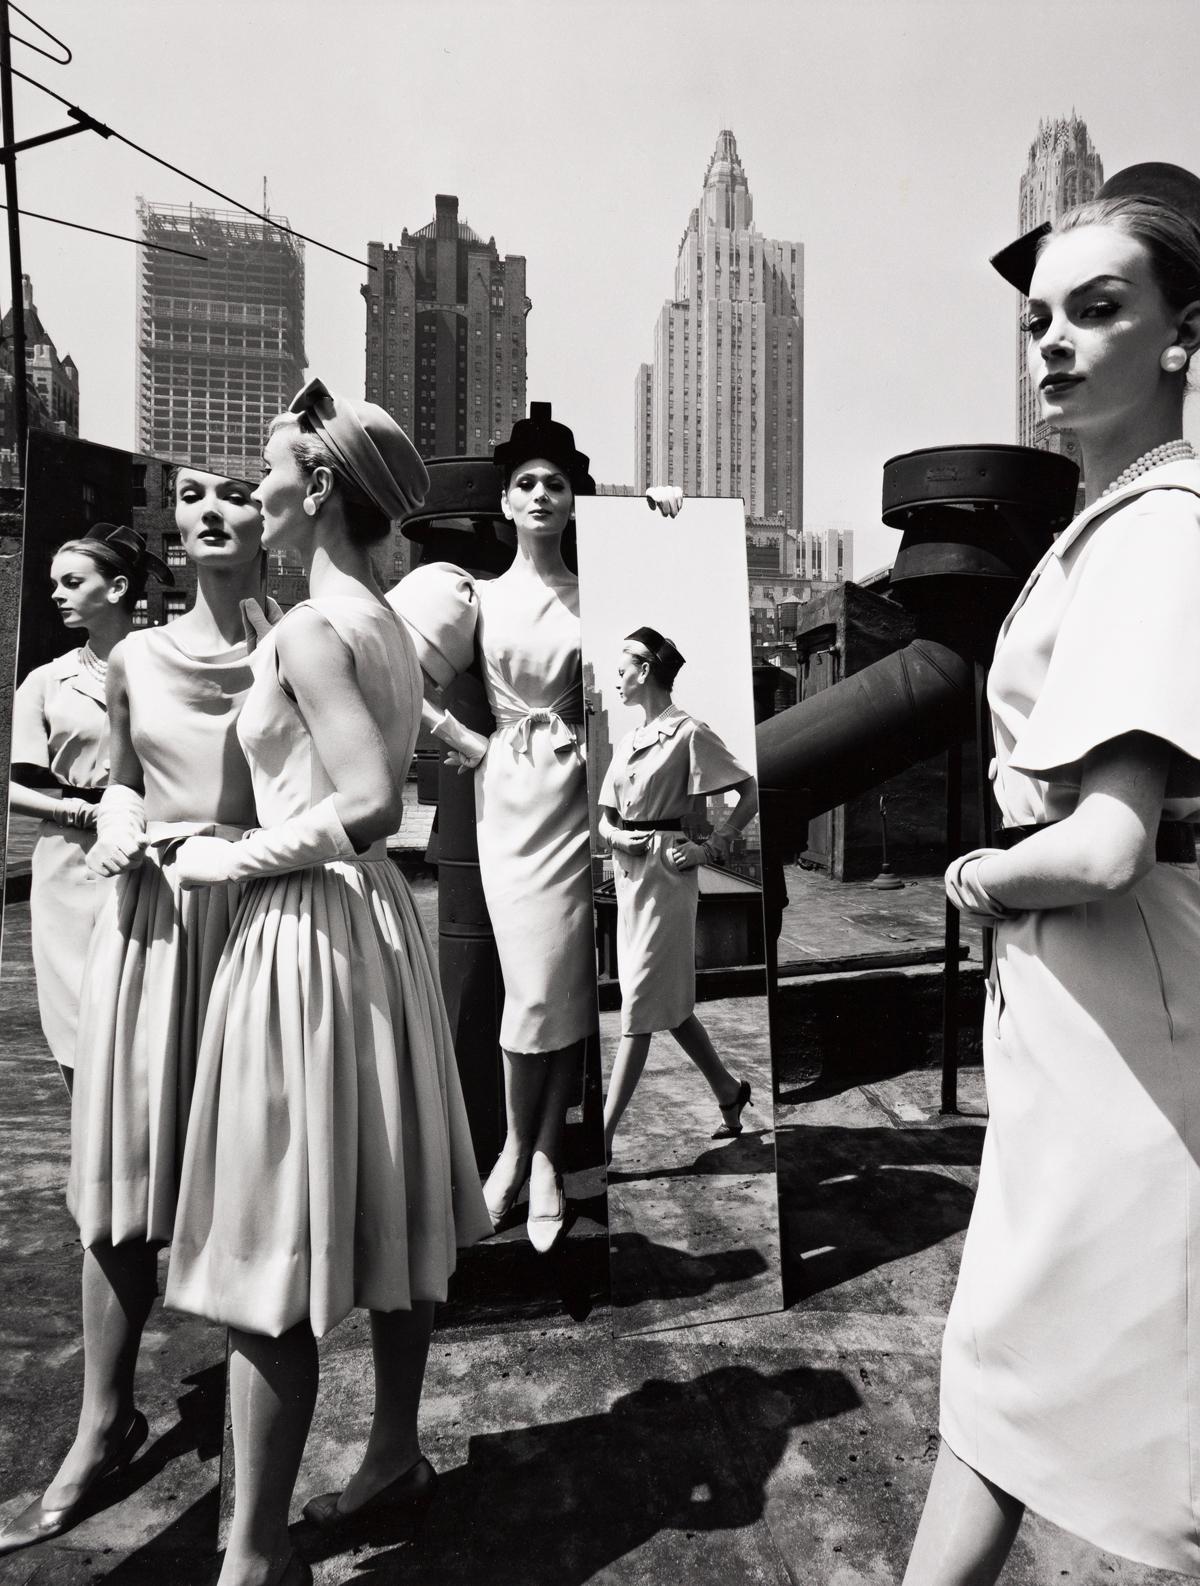 WILLIAM KLEIN (1928- ) Mirrors + Roof, New York.